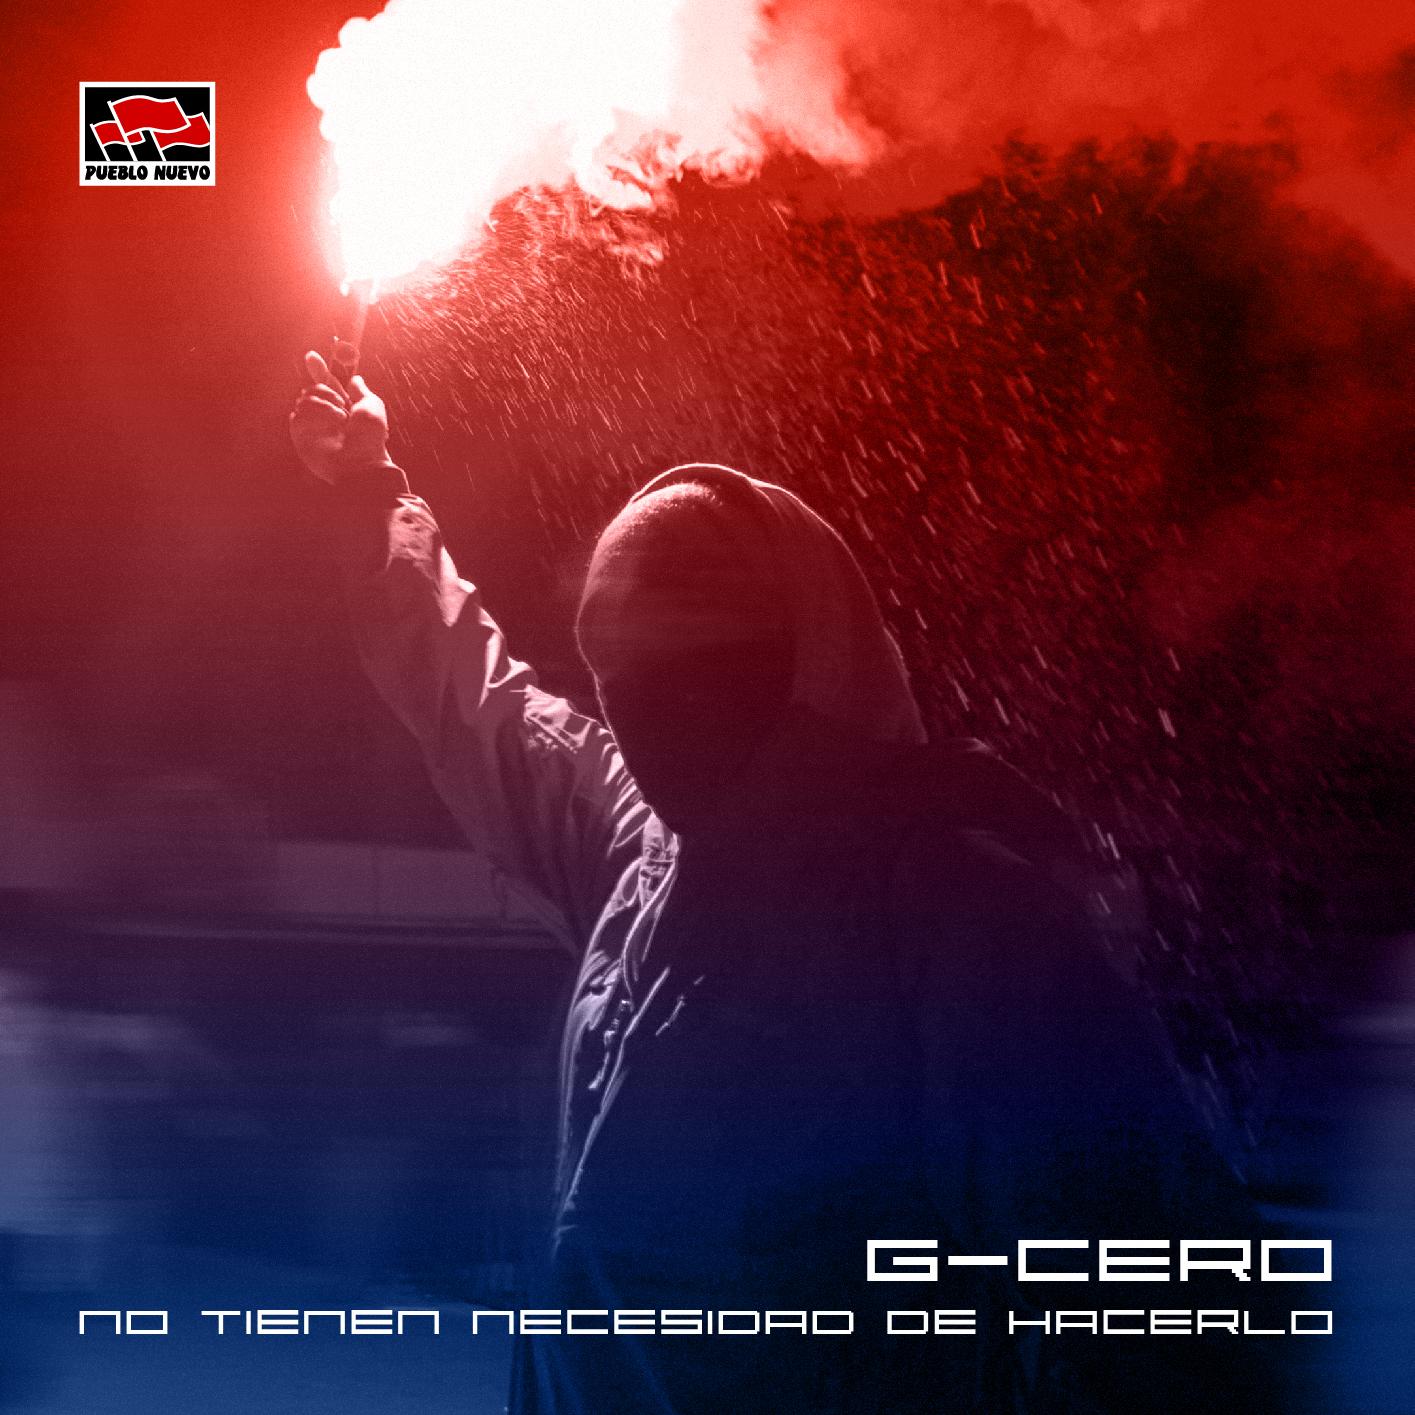 G-cero – No Tienen Necesidad de Hacerlo